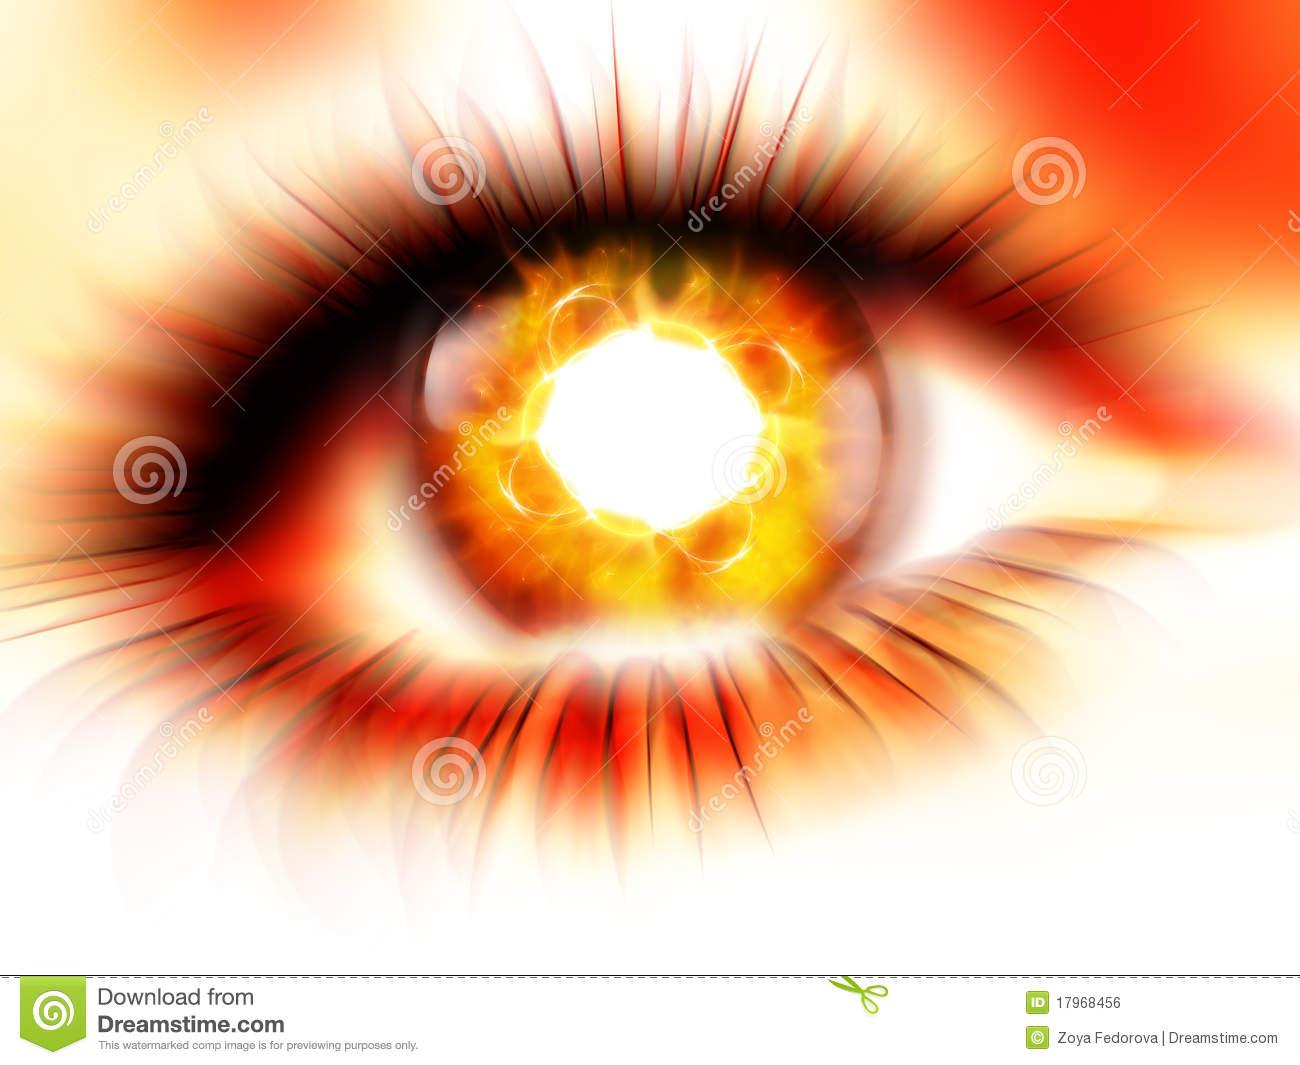 Burning Eyes